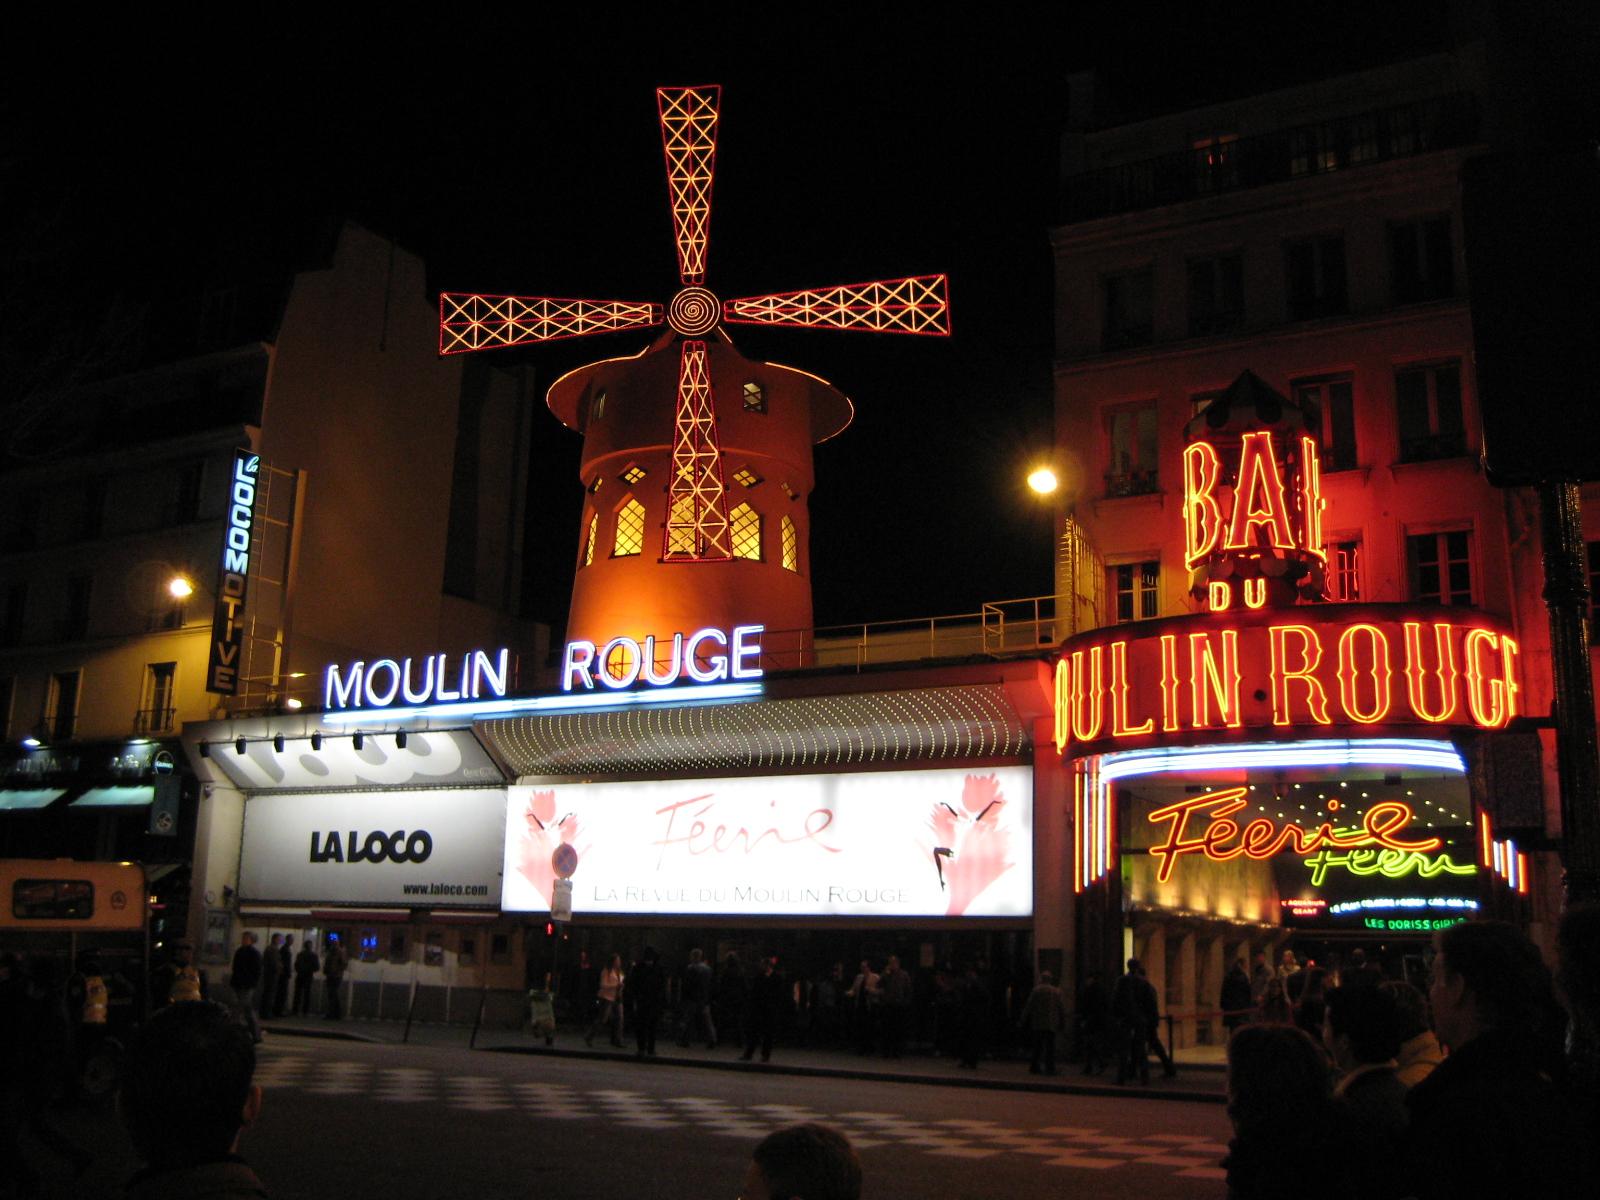 Moulin Rouge - http://en.wikipedia.org/wiki/Moulin_Rouge